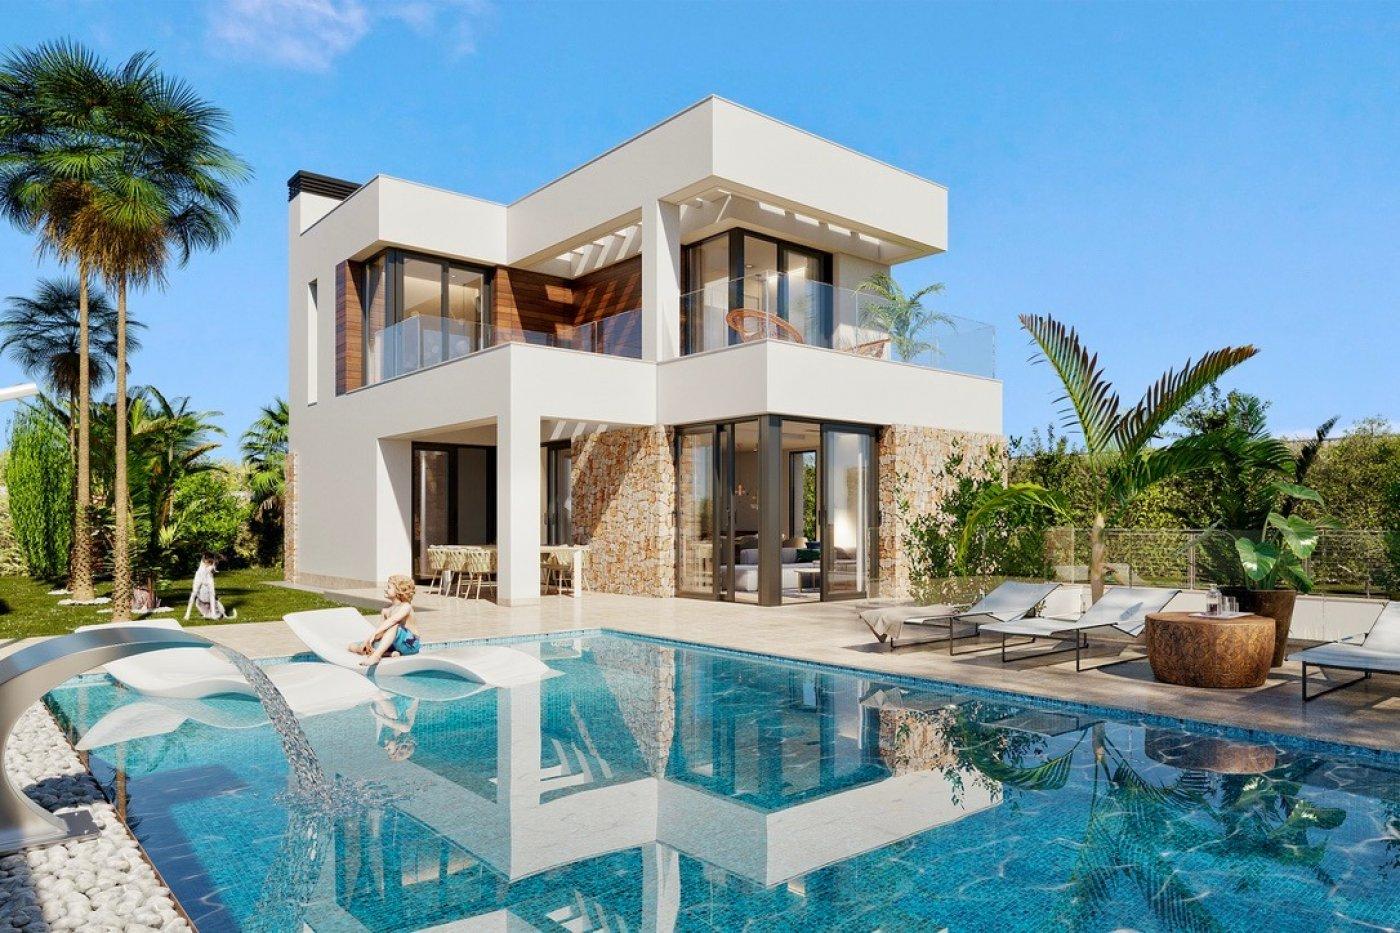 Villa de Lujo ref 3265-03198 for sale in Finestrat Spain - Quality Homes Costa Cálida